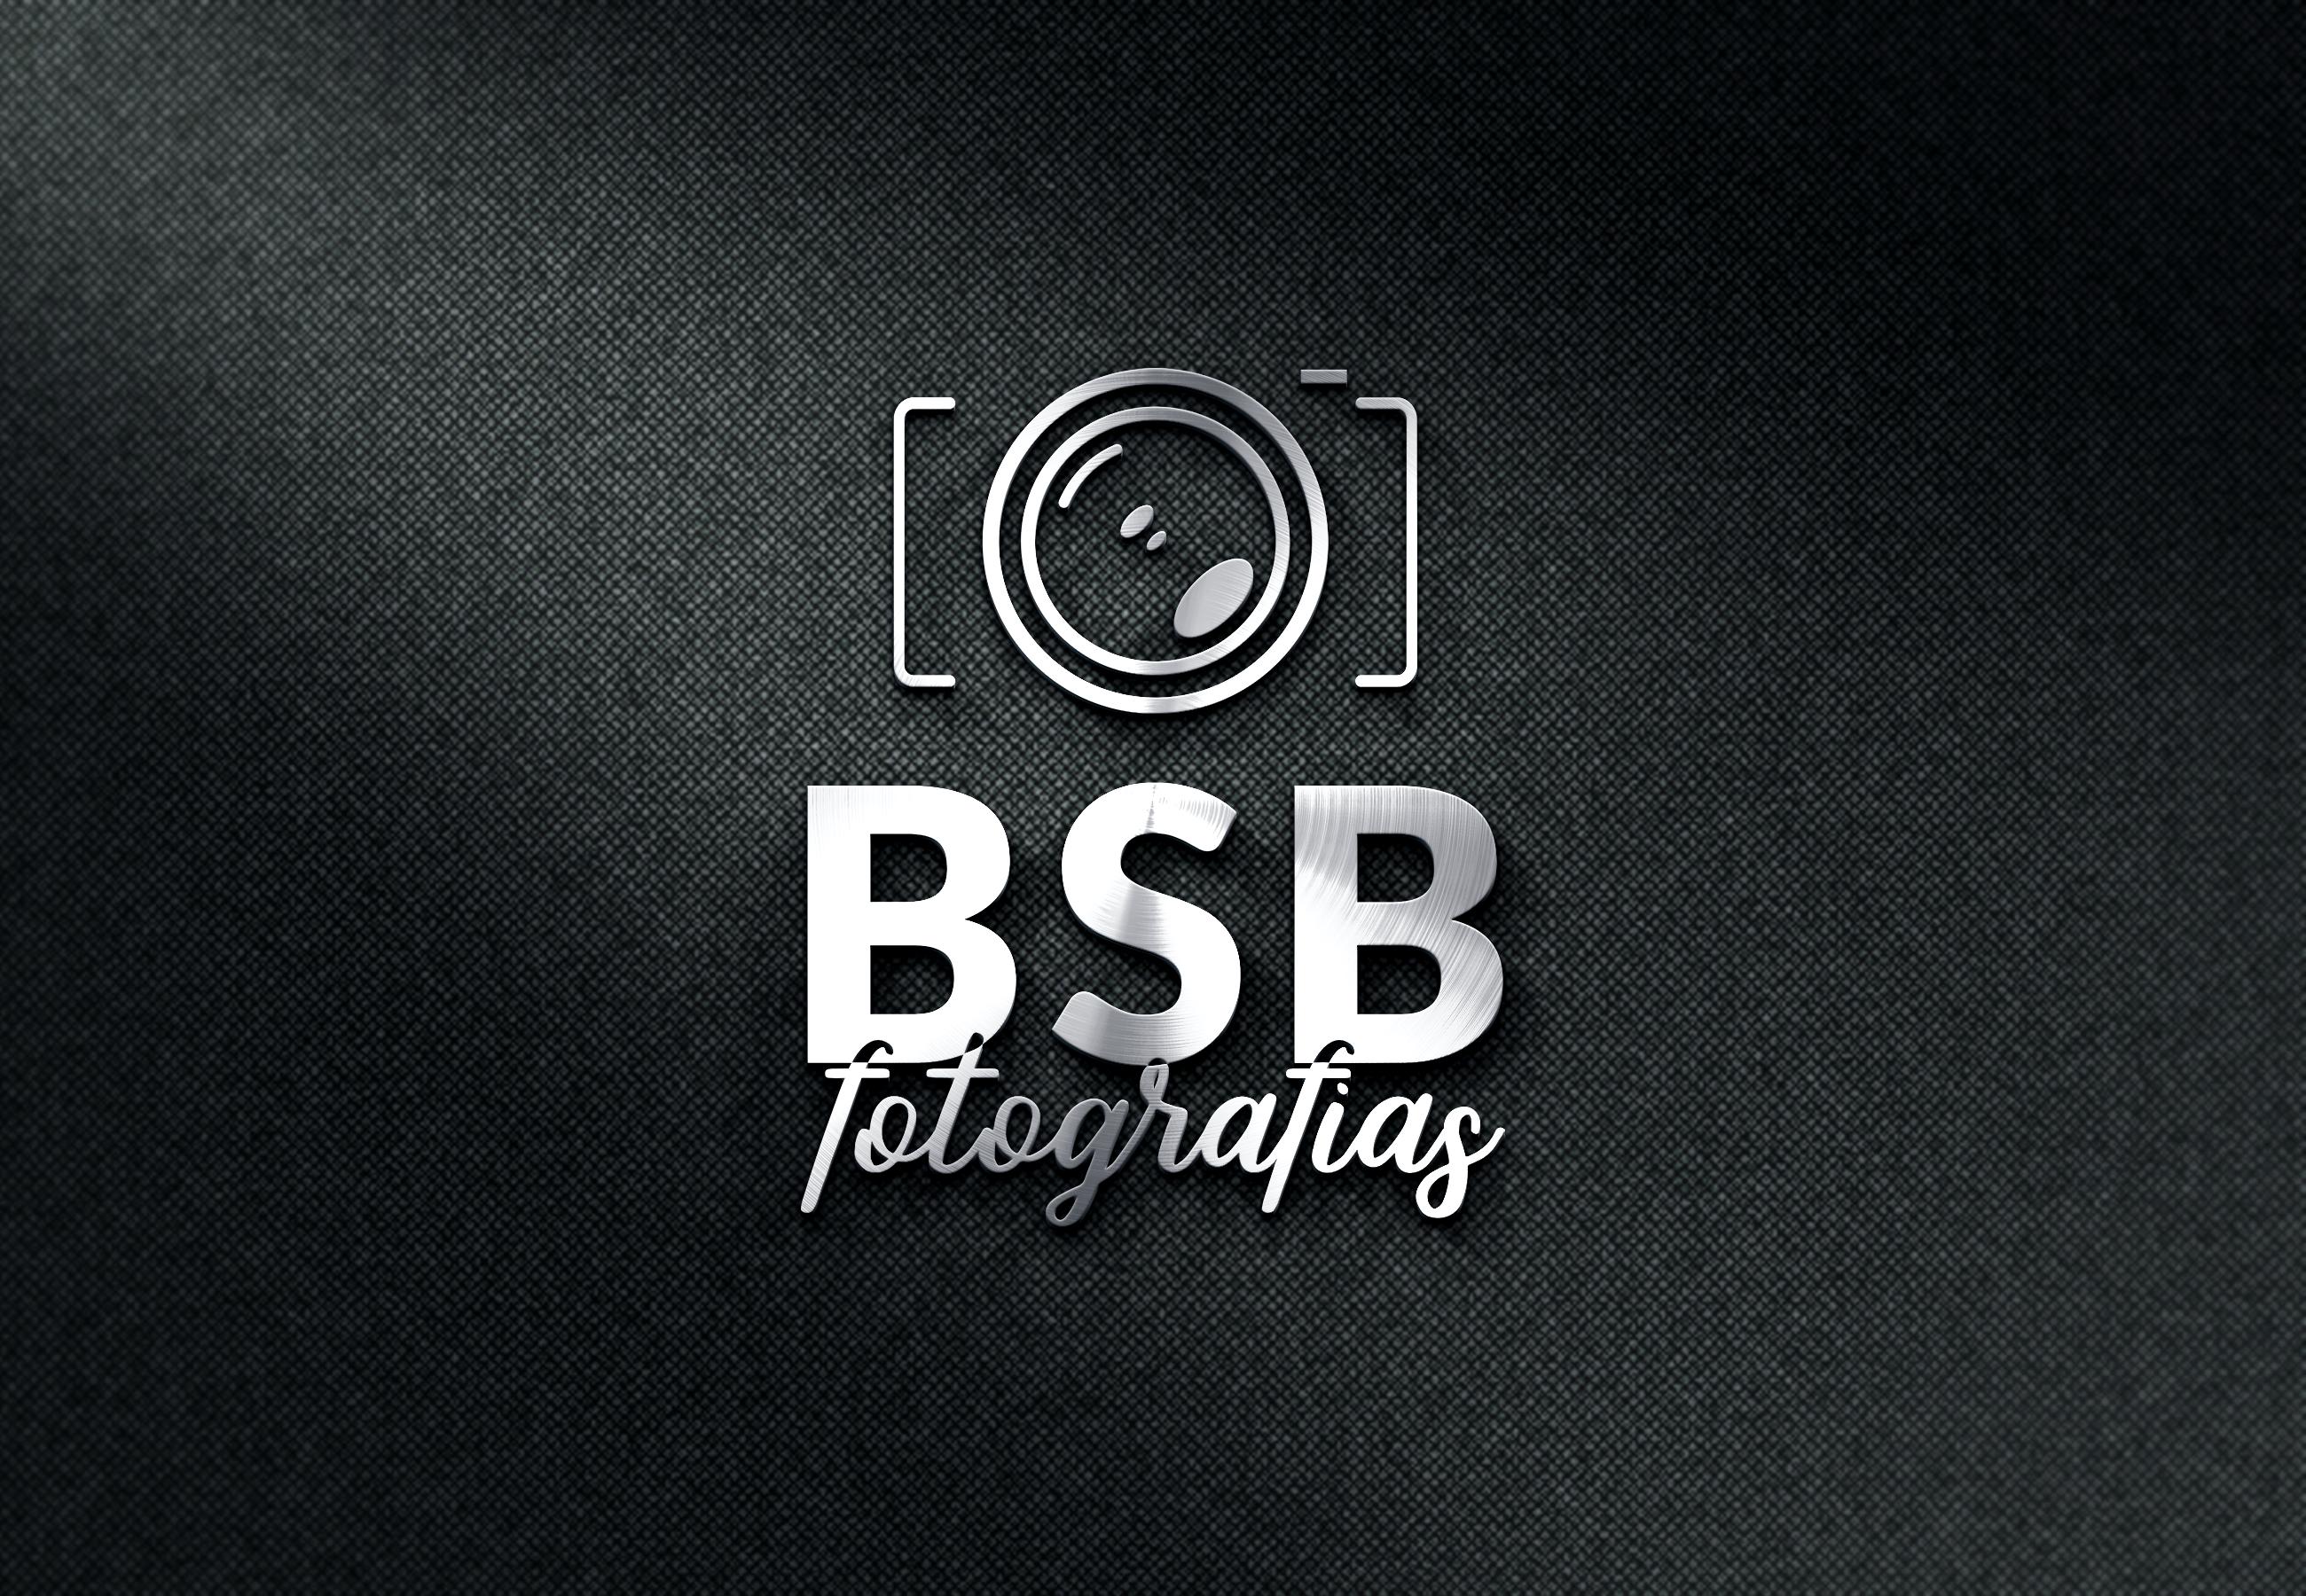 Sobre BSB Fotografias